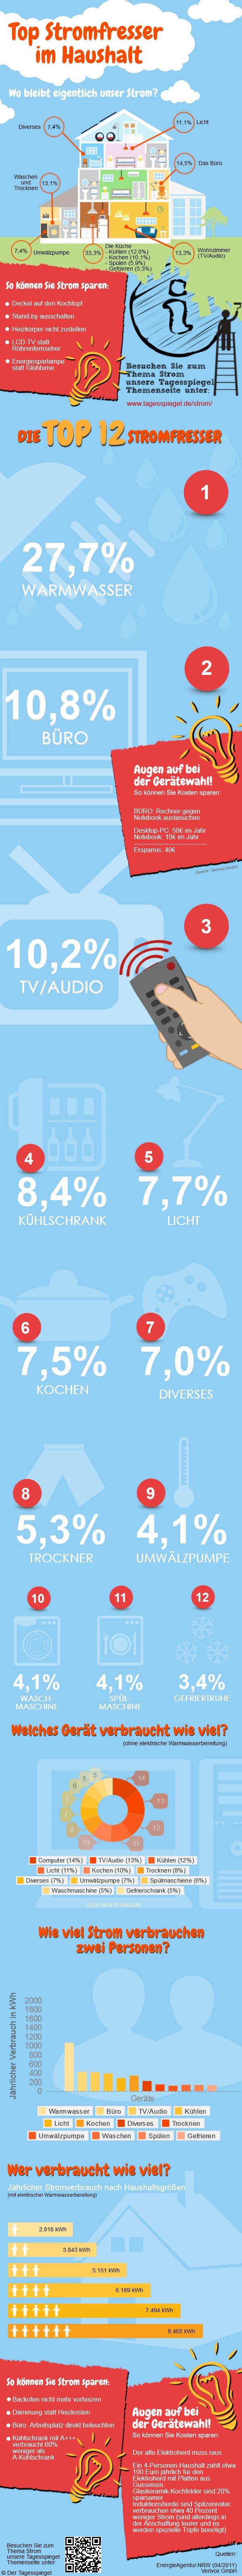 Infografik: Top 12 Stromfresser im Haushalt Quelle: www.tagesspiegel.de